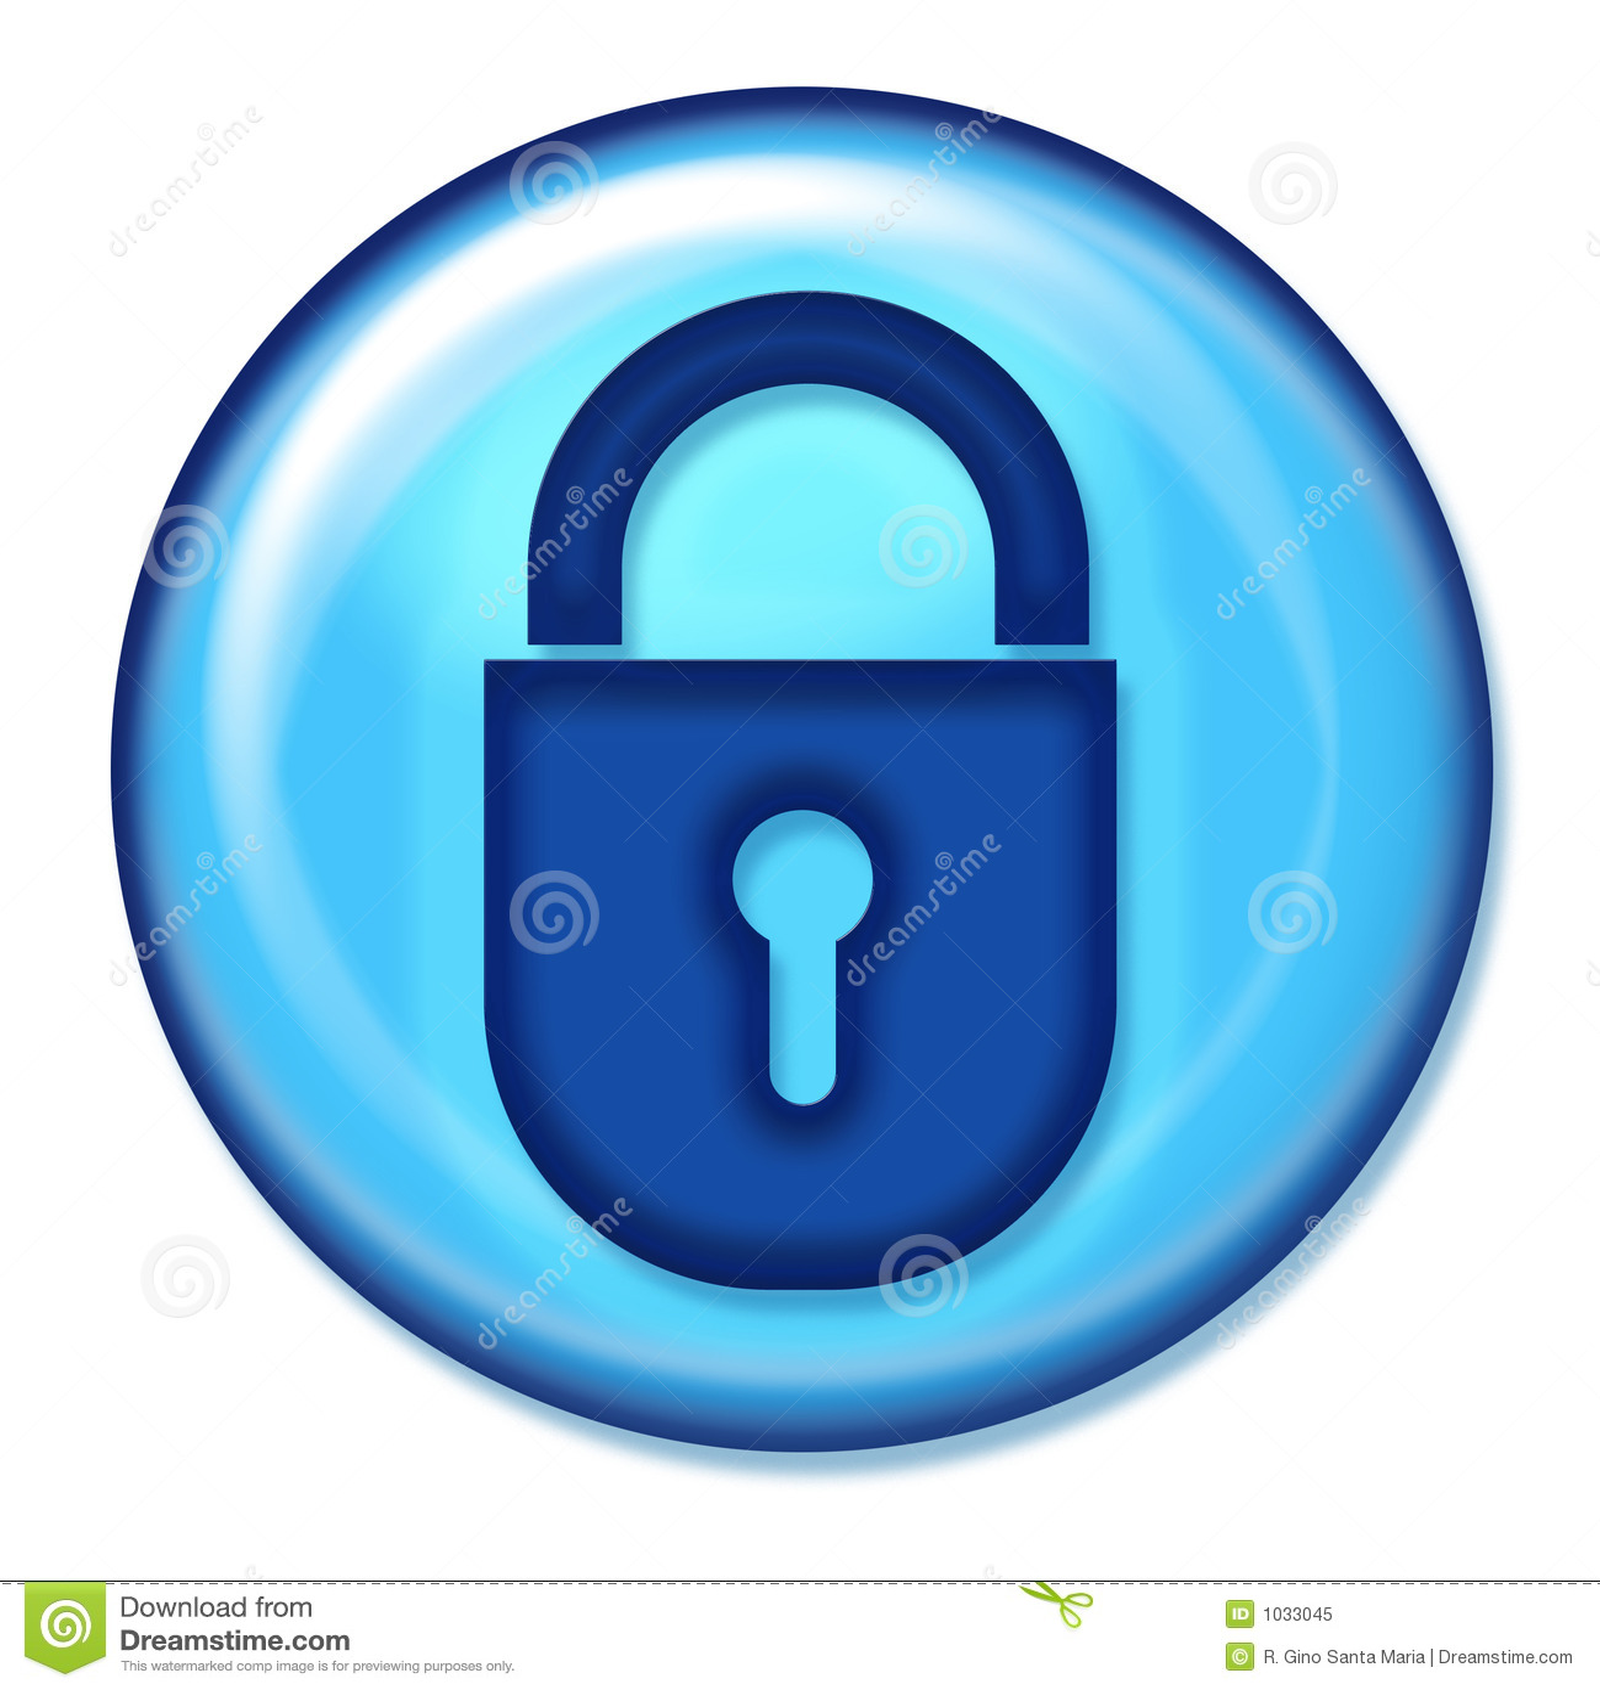 Secure Web Button